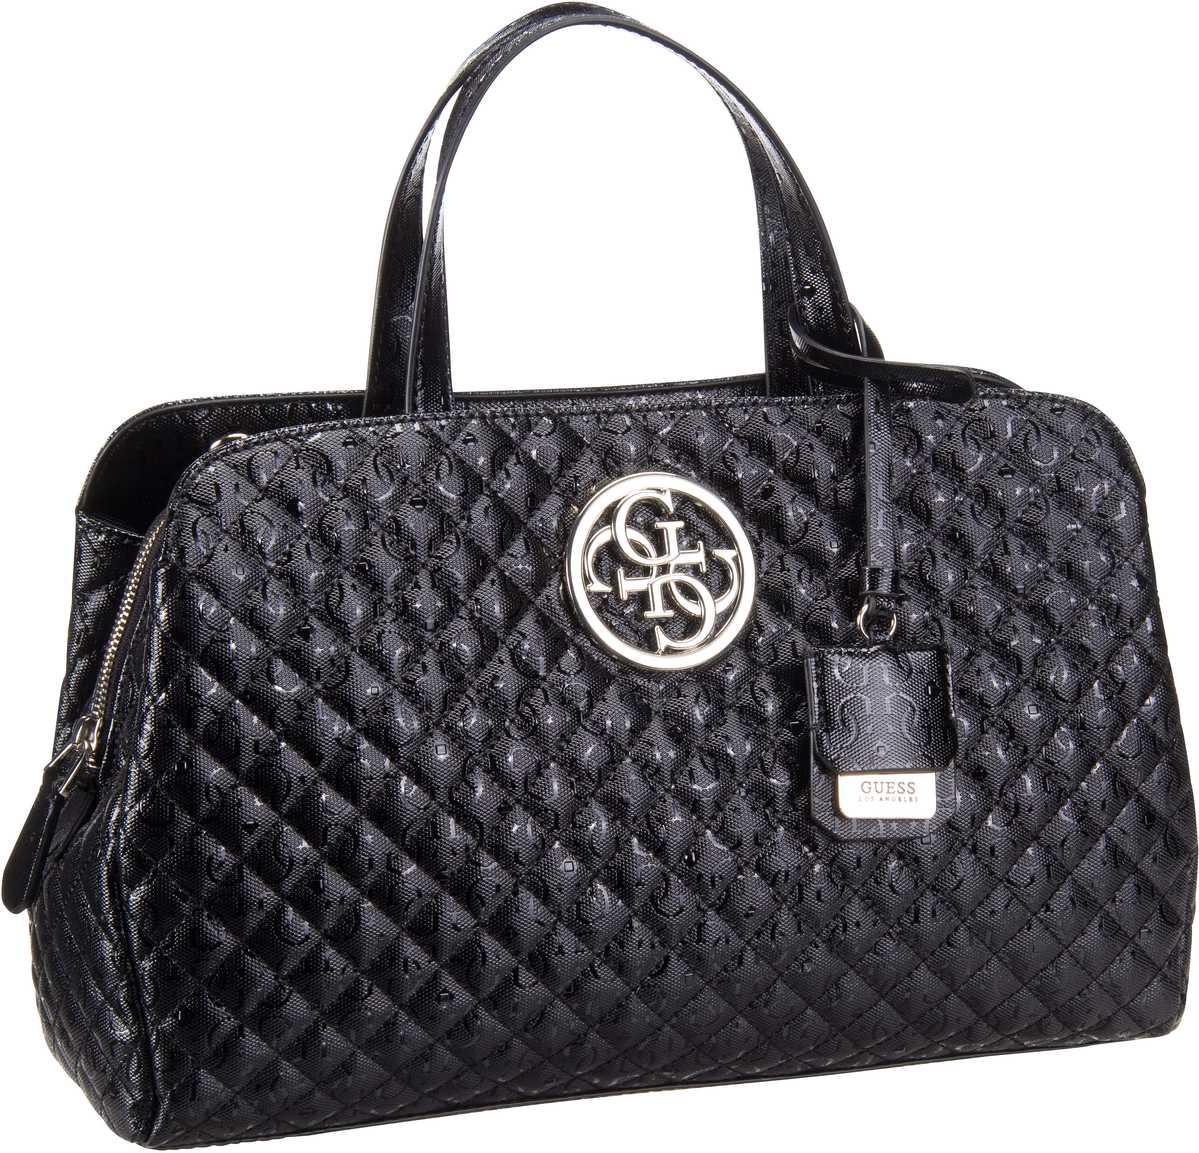 Handtasche Gioia Girlfriend Satchel Black